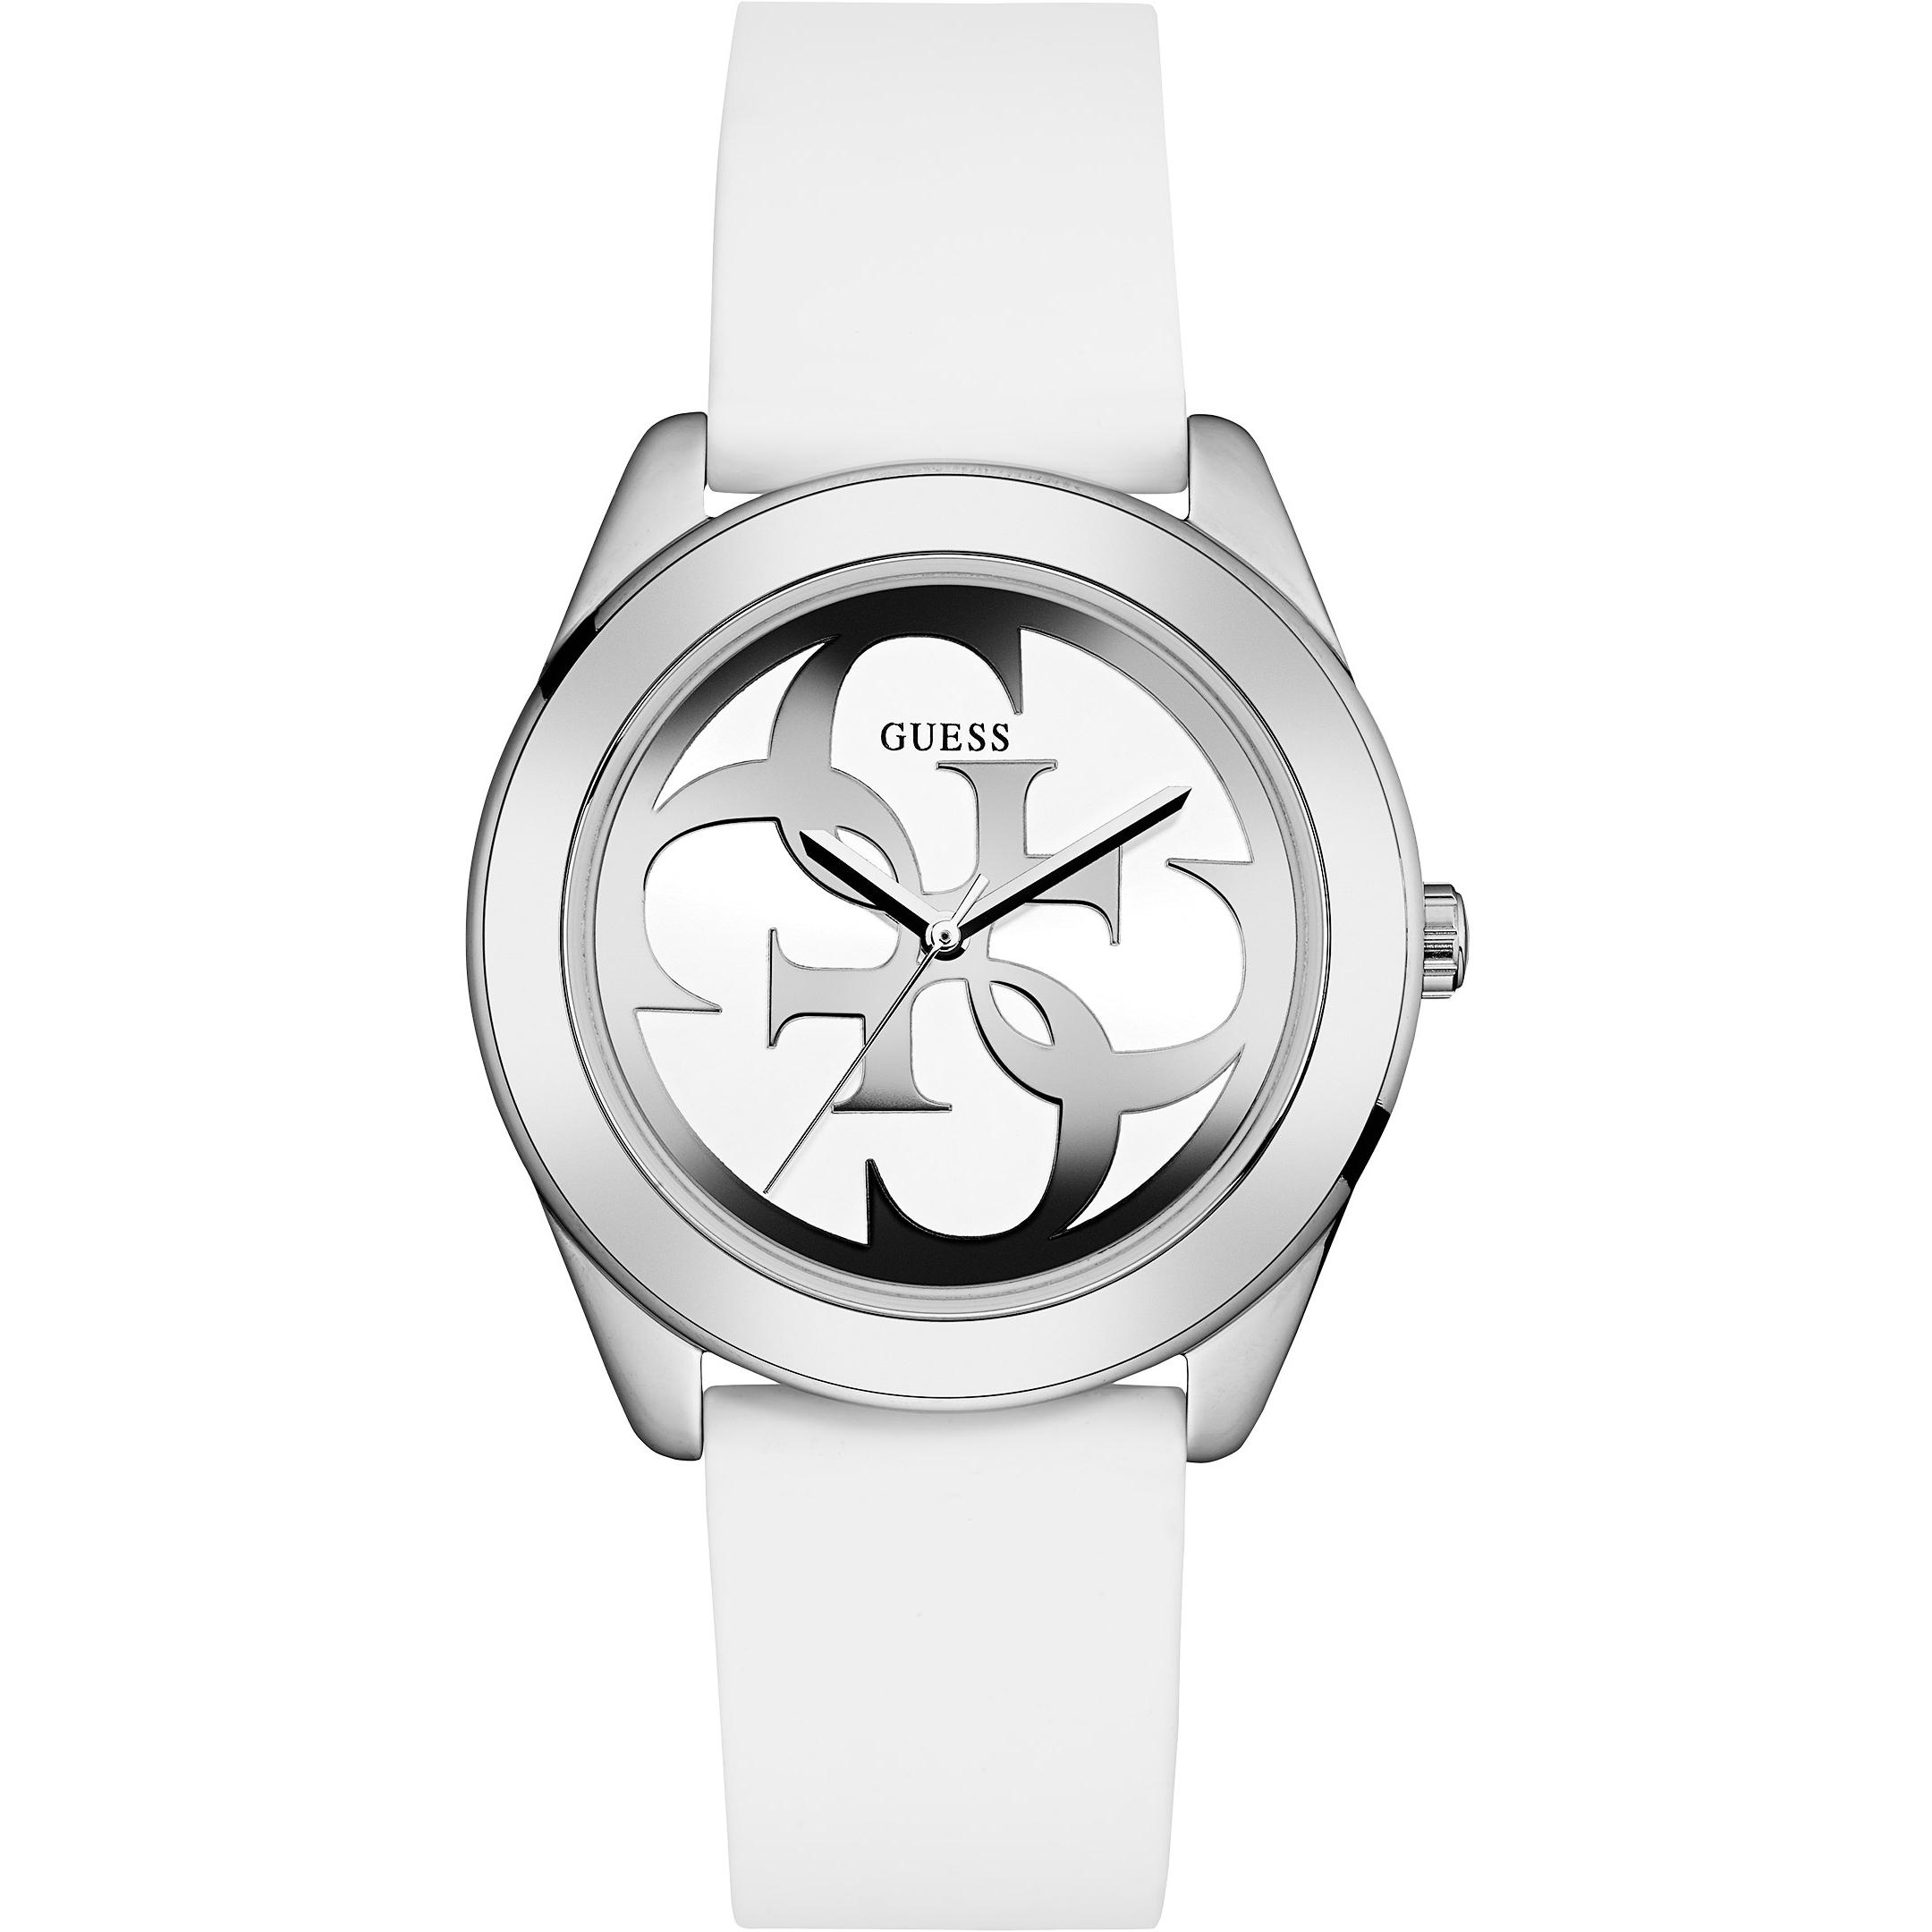 e4fa7dc9e636 Montre Femme Guess G Twist W0911L1   FR   Watch Shop™